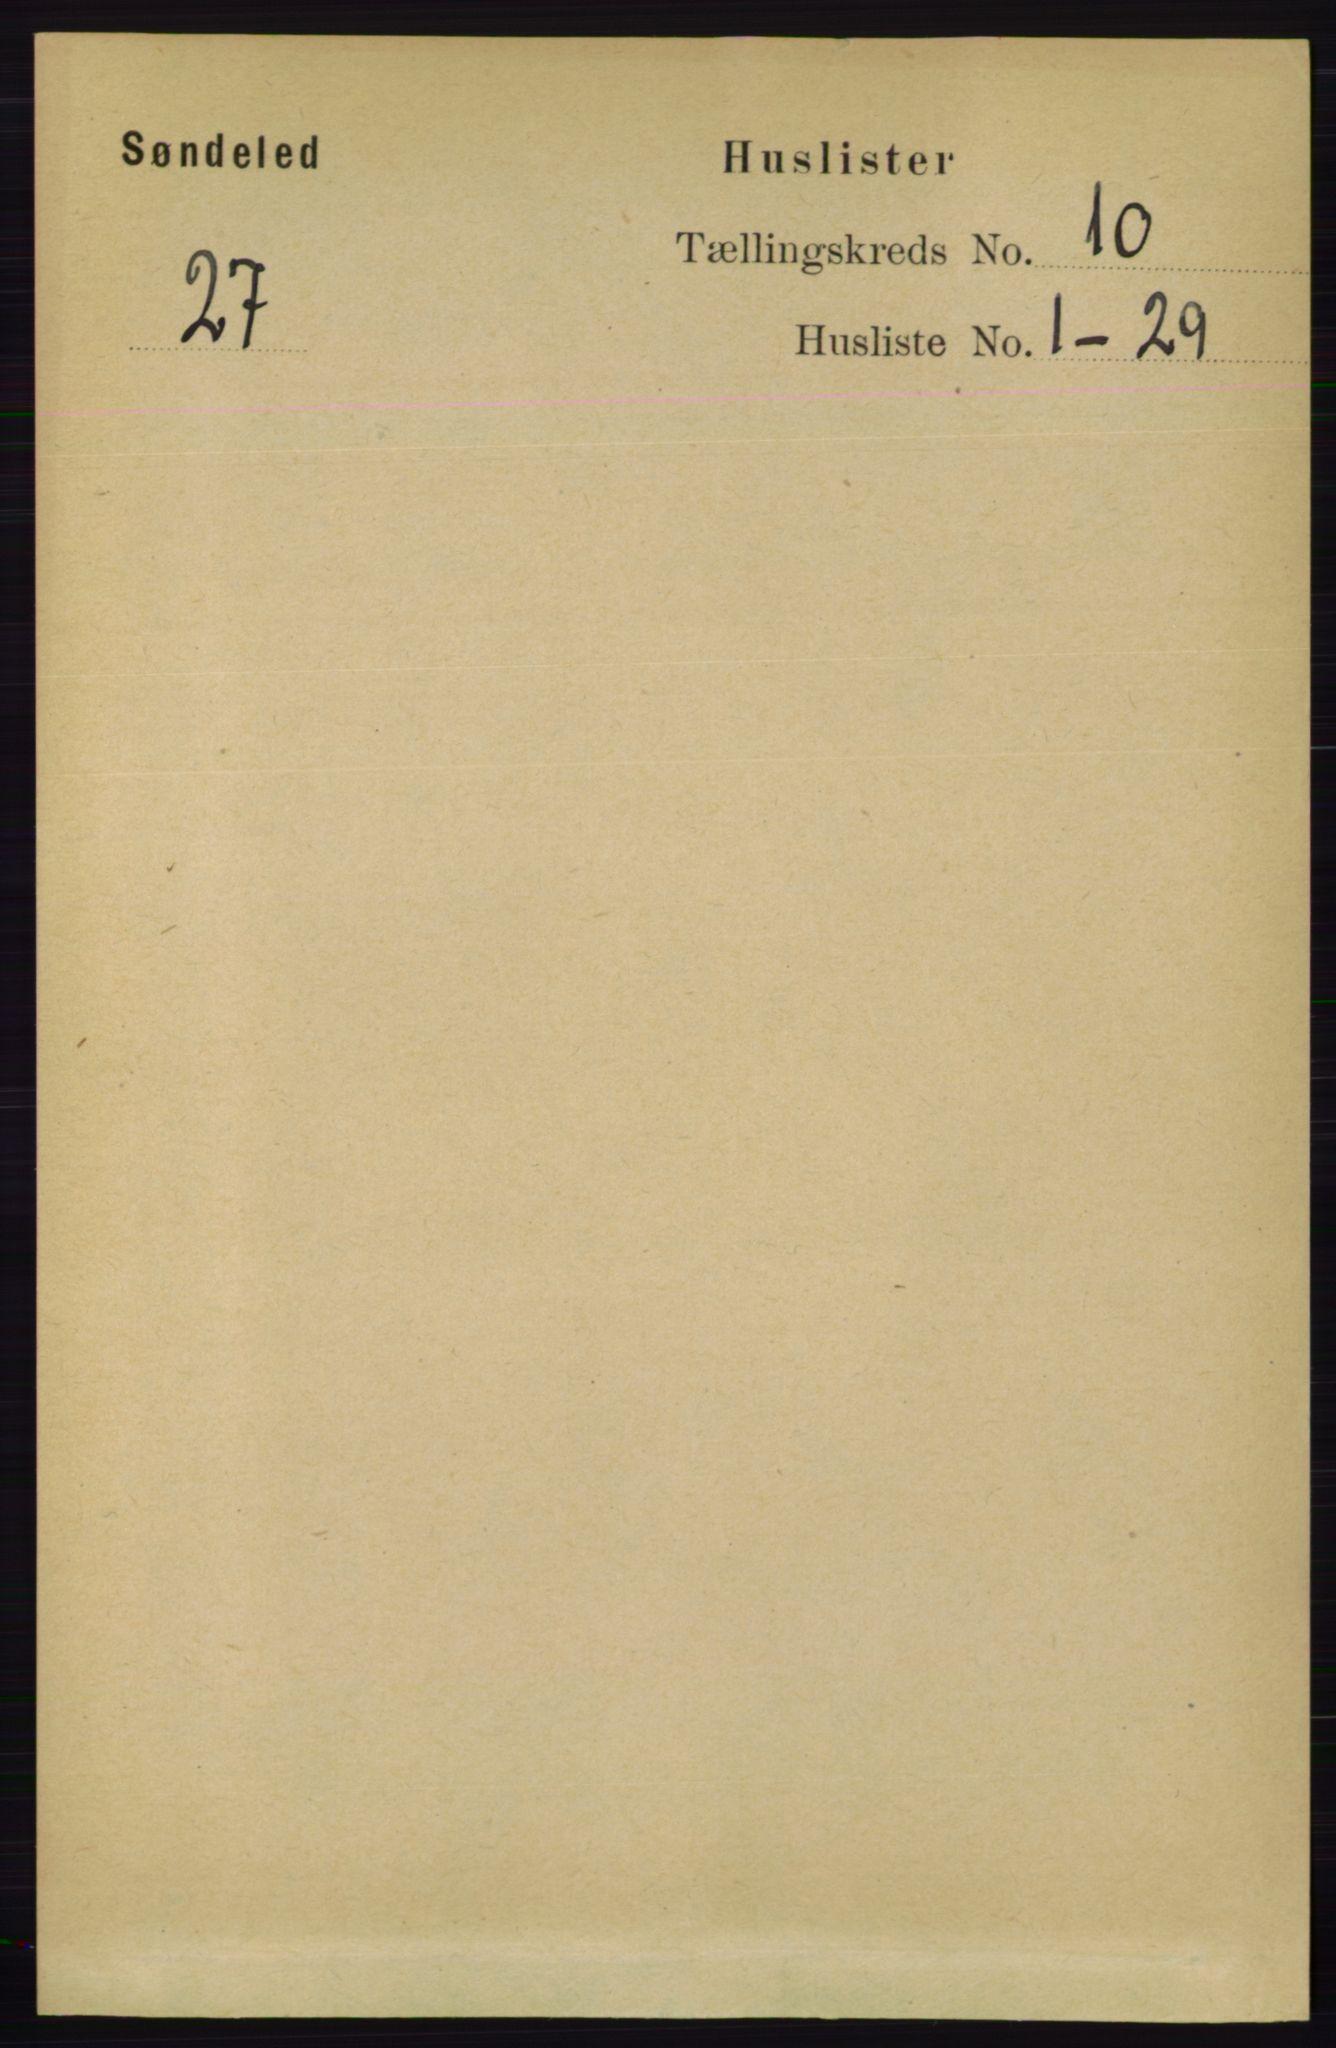 RA, Folketelling 1891 for 0913 Søndeled herred, 1891, s. 3033